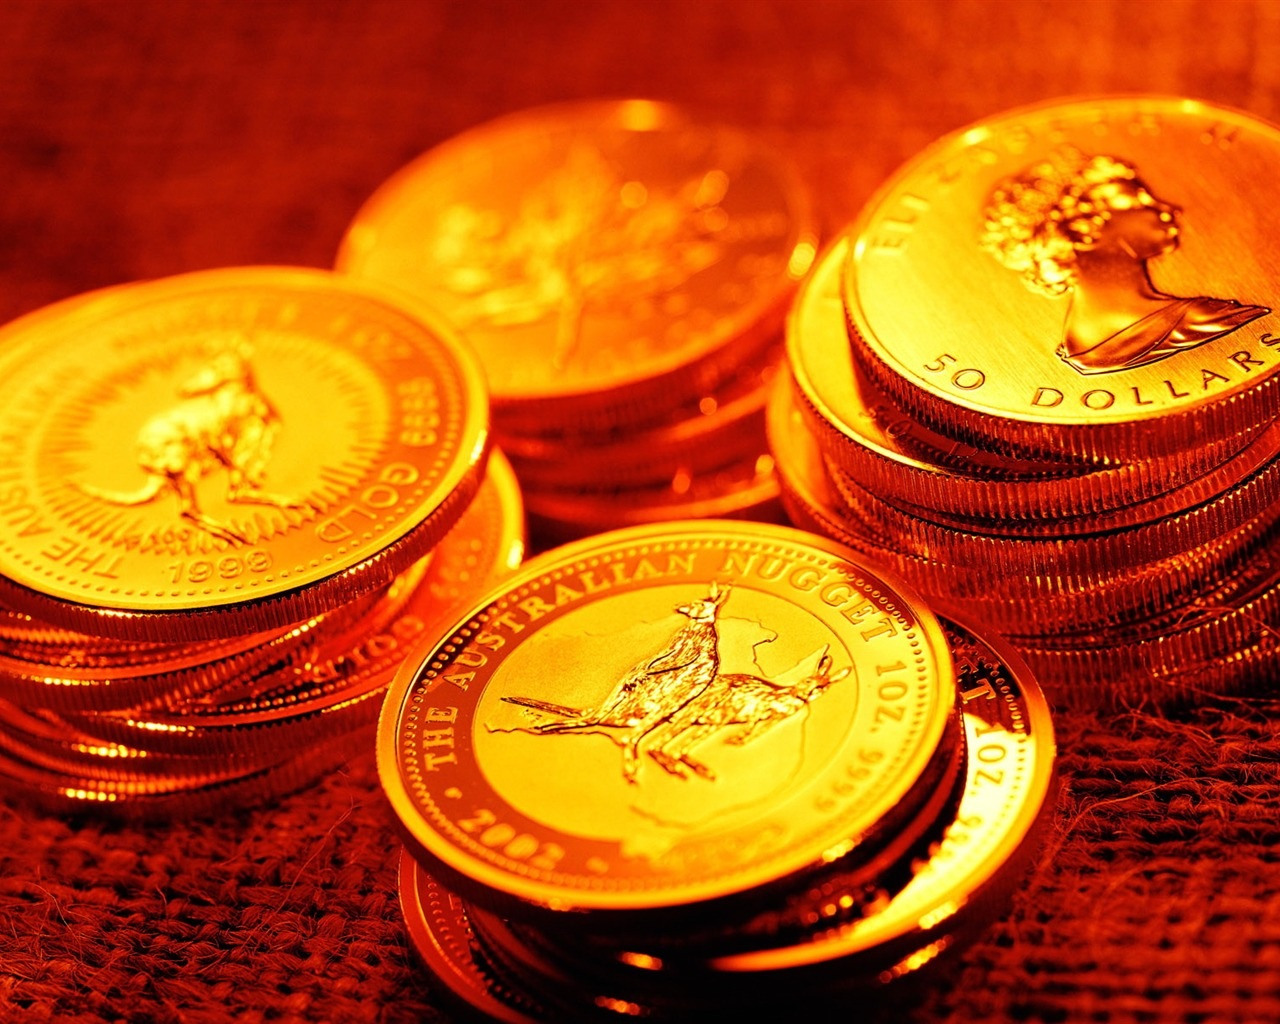 giá vàng hôm nay ngày 31/8: USD phục hồi, vàng 'hạ nhiệt'